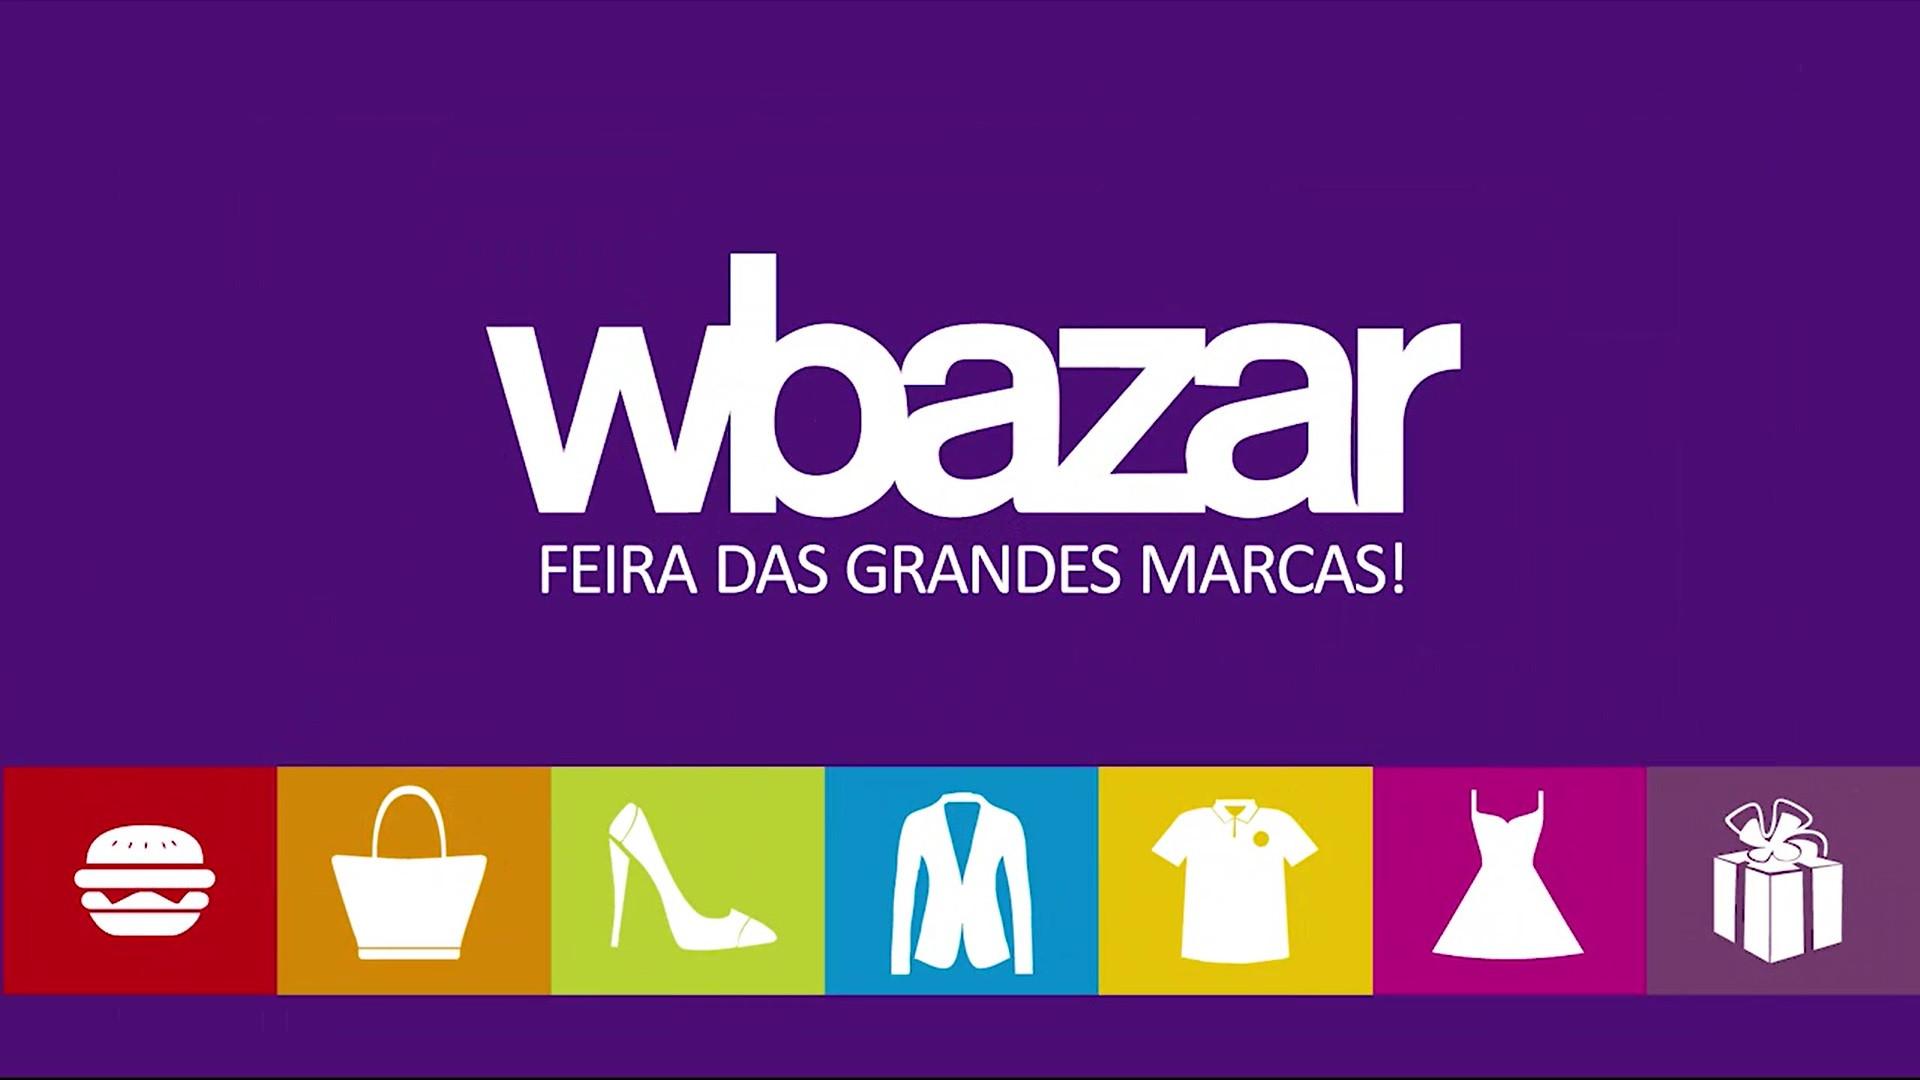 (c) Wbazar.com.br